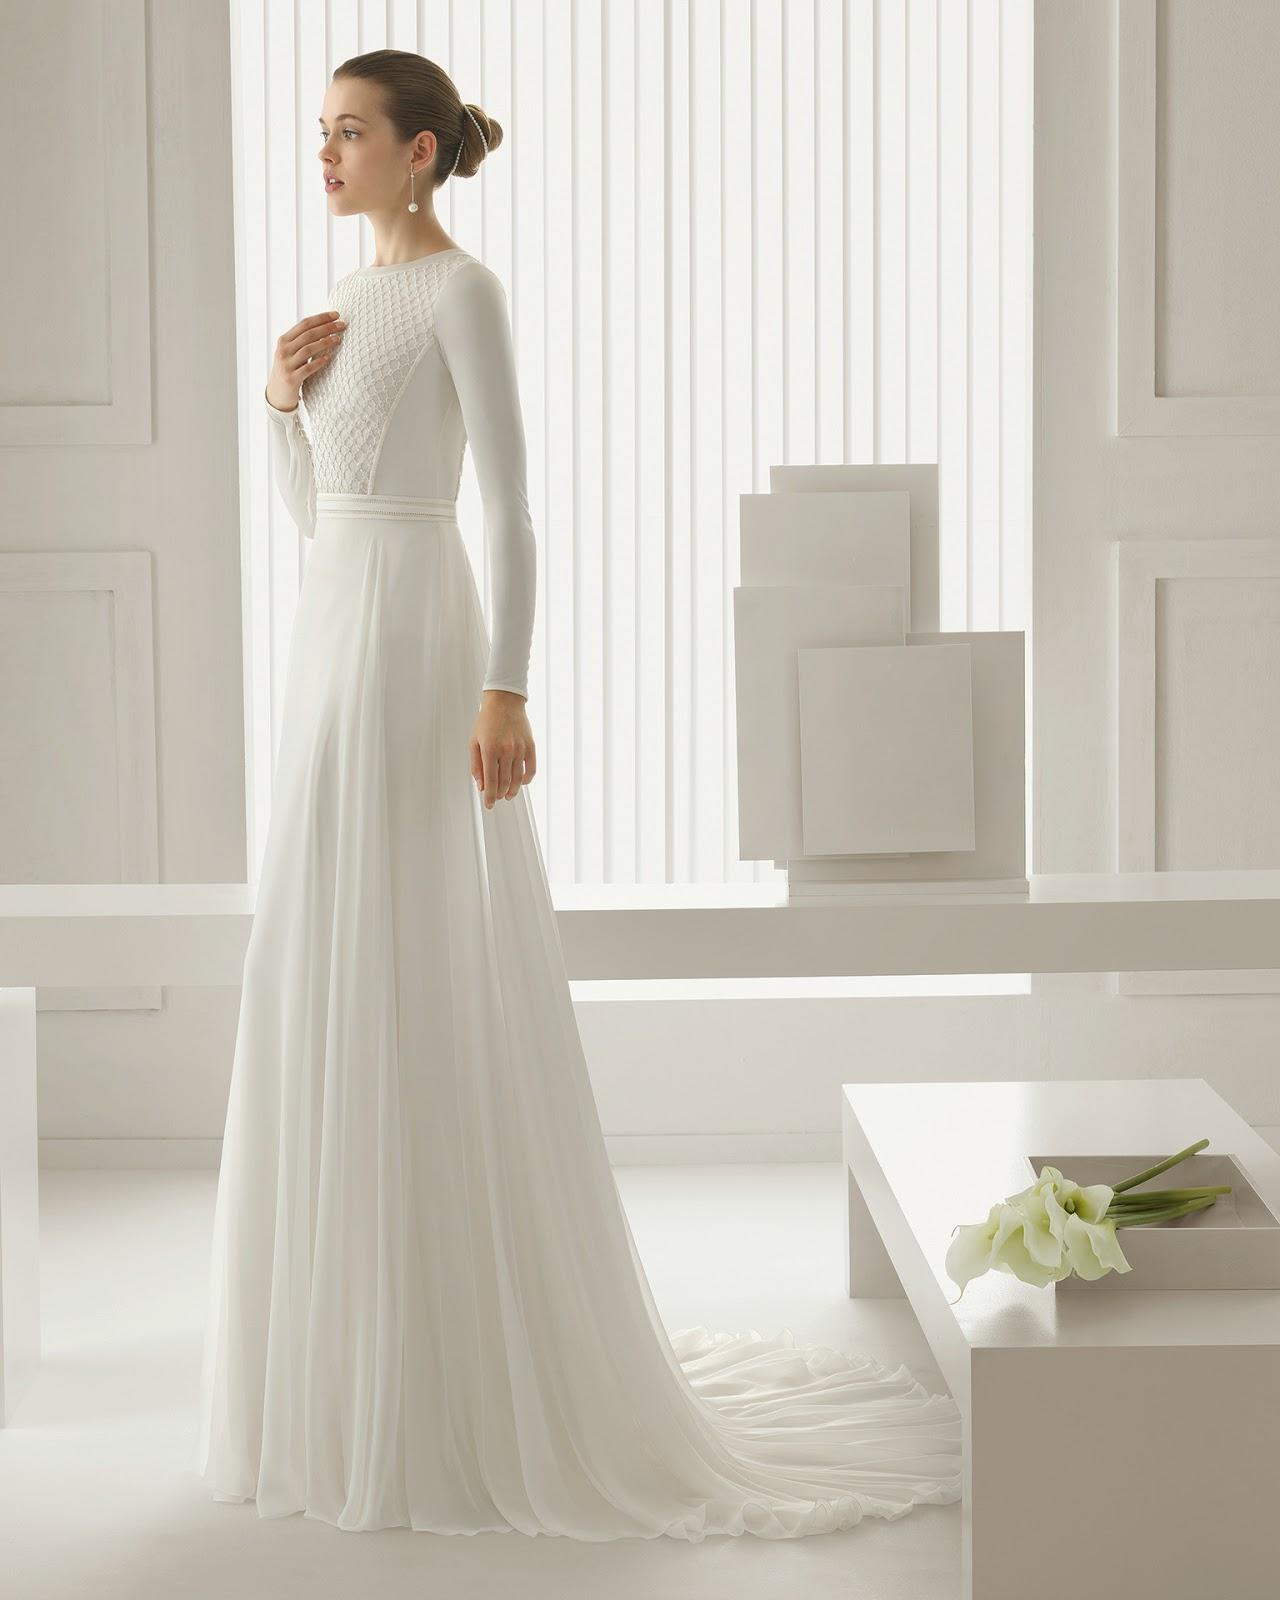 Nuove tendenze in abiti da sposa (stagione -)